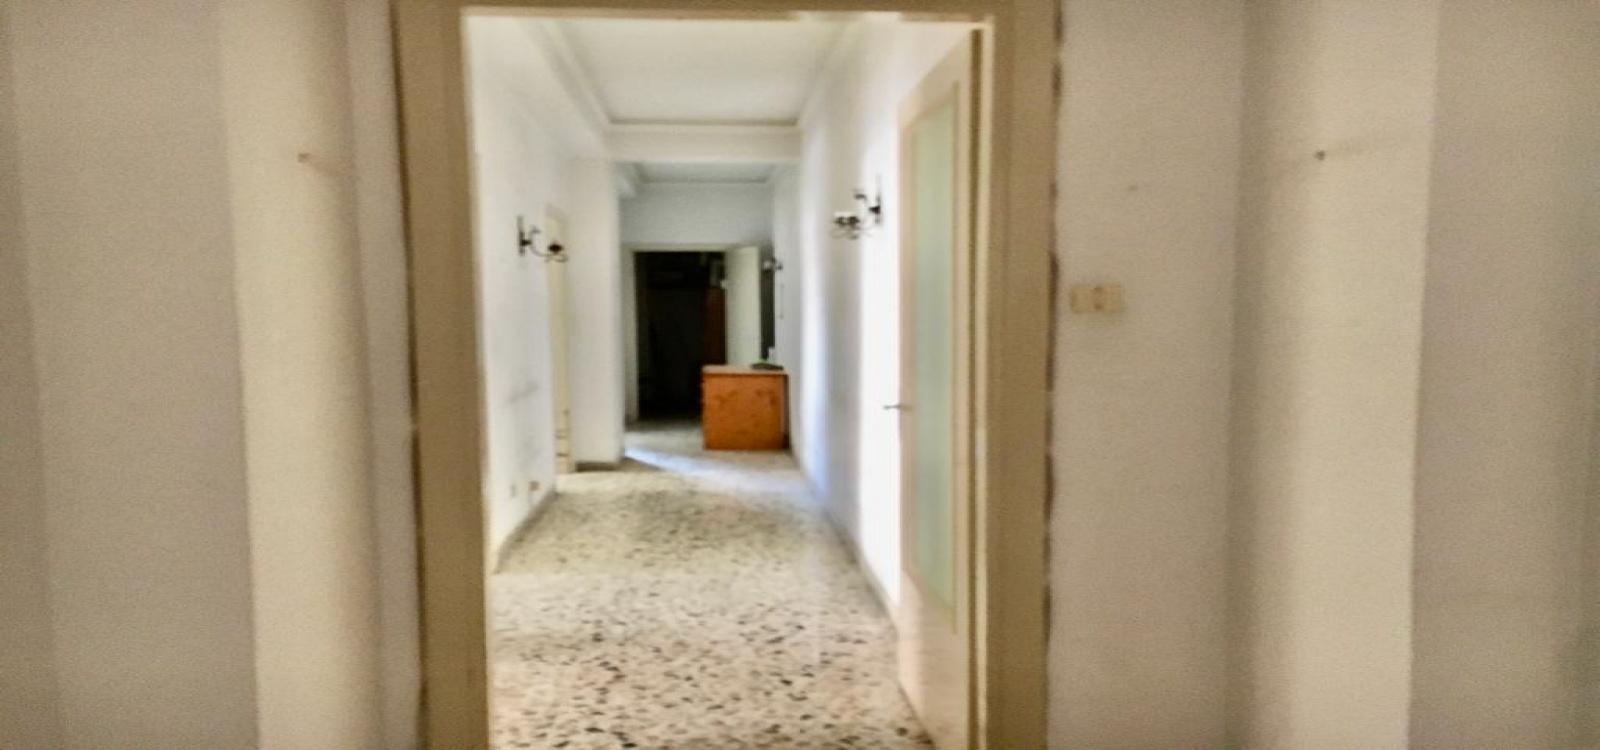 SCALA GRECA,SIRACUSA,Appartamento,SCALA GRECA,2455